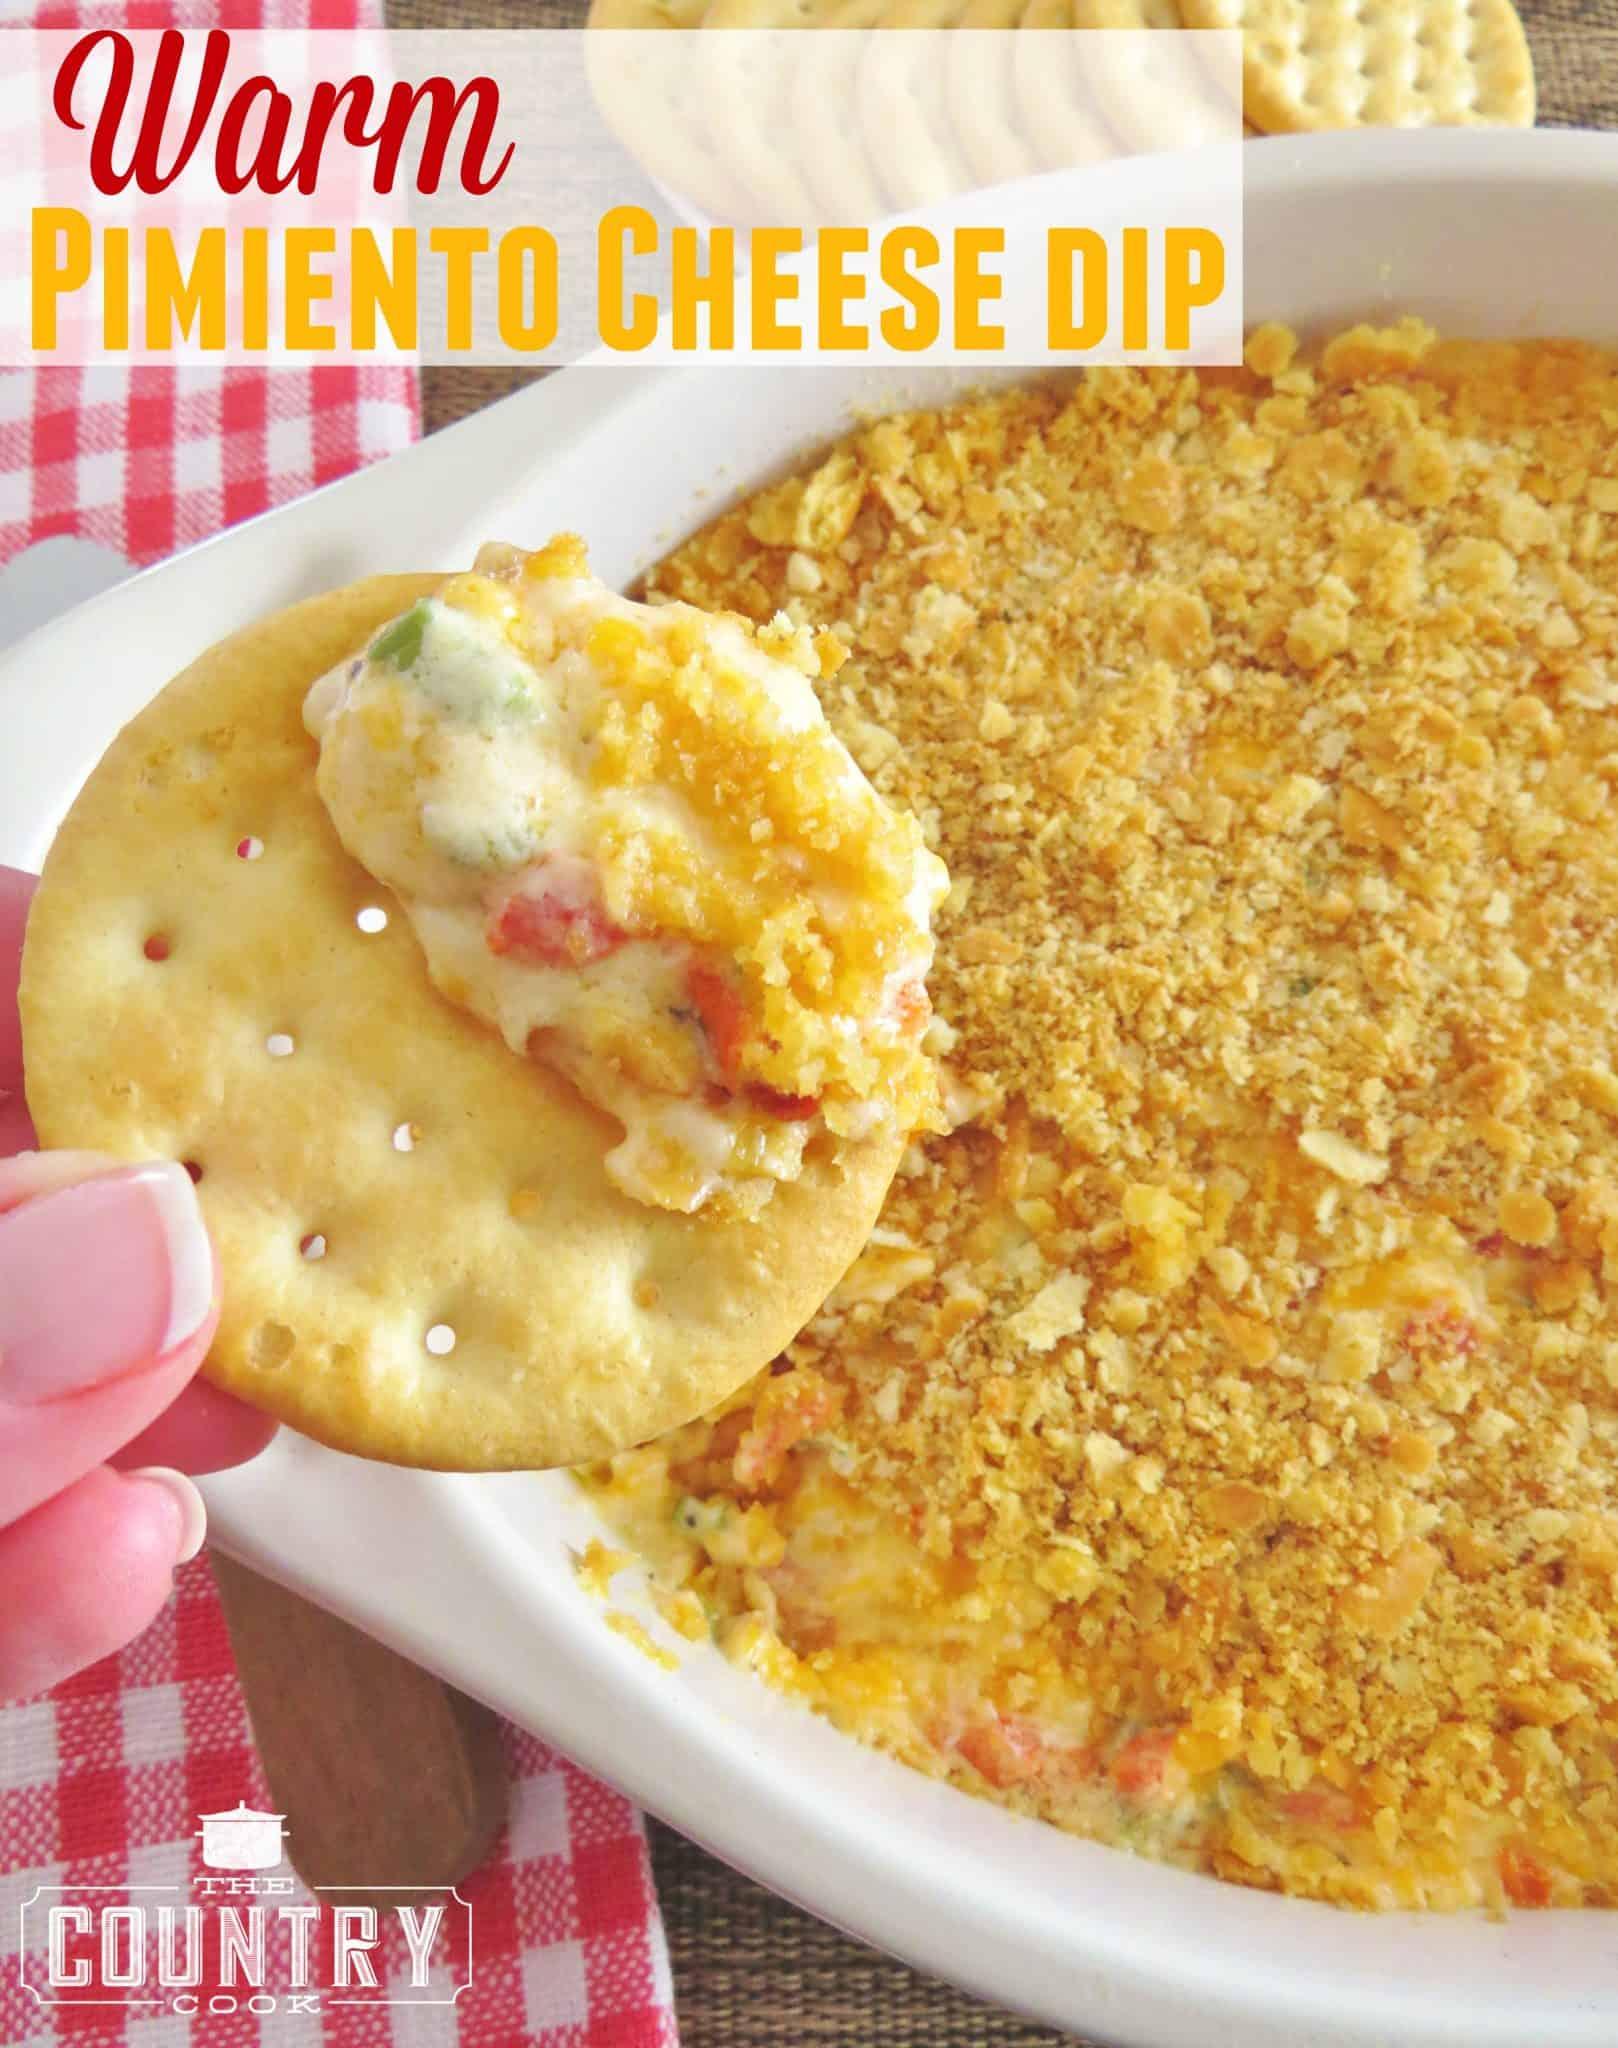 recipe: warm pimento cheese dip [21]